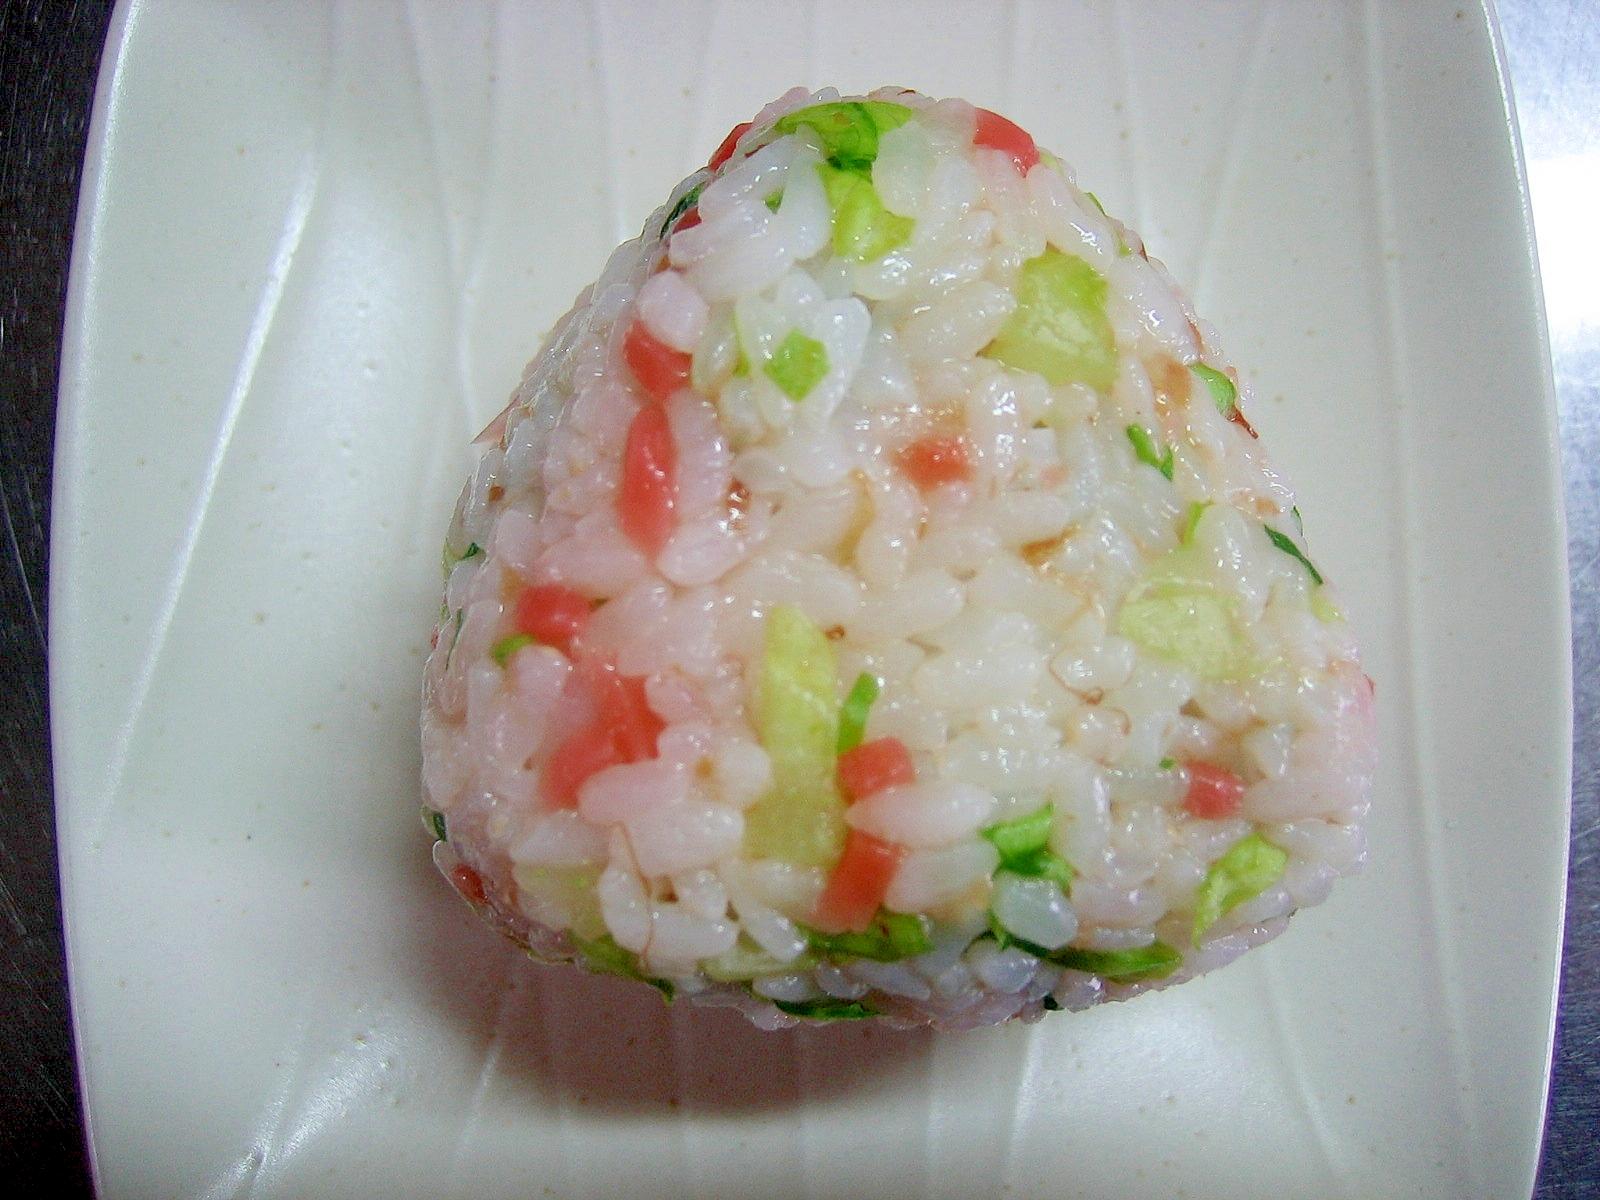 紅ショウガ&サラダ菜&おかかの麺つゆ入りおにぎり